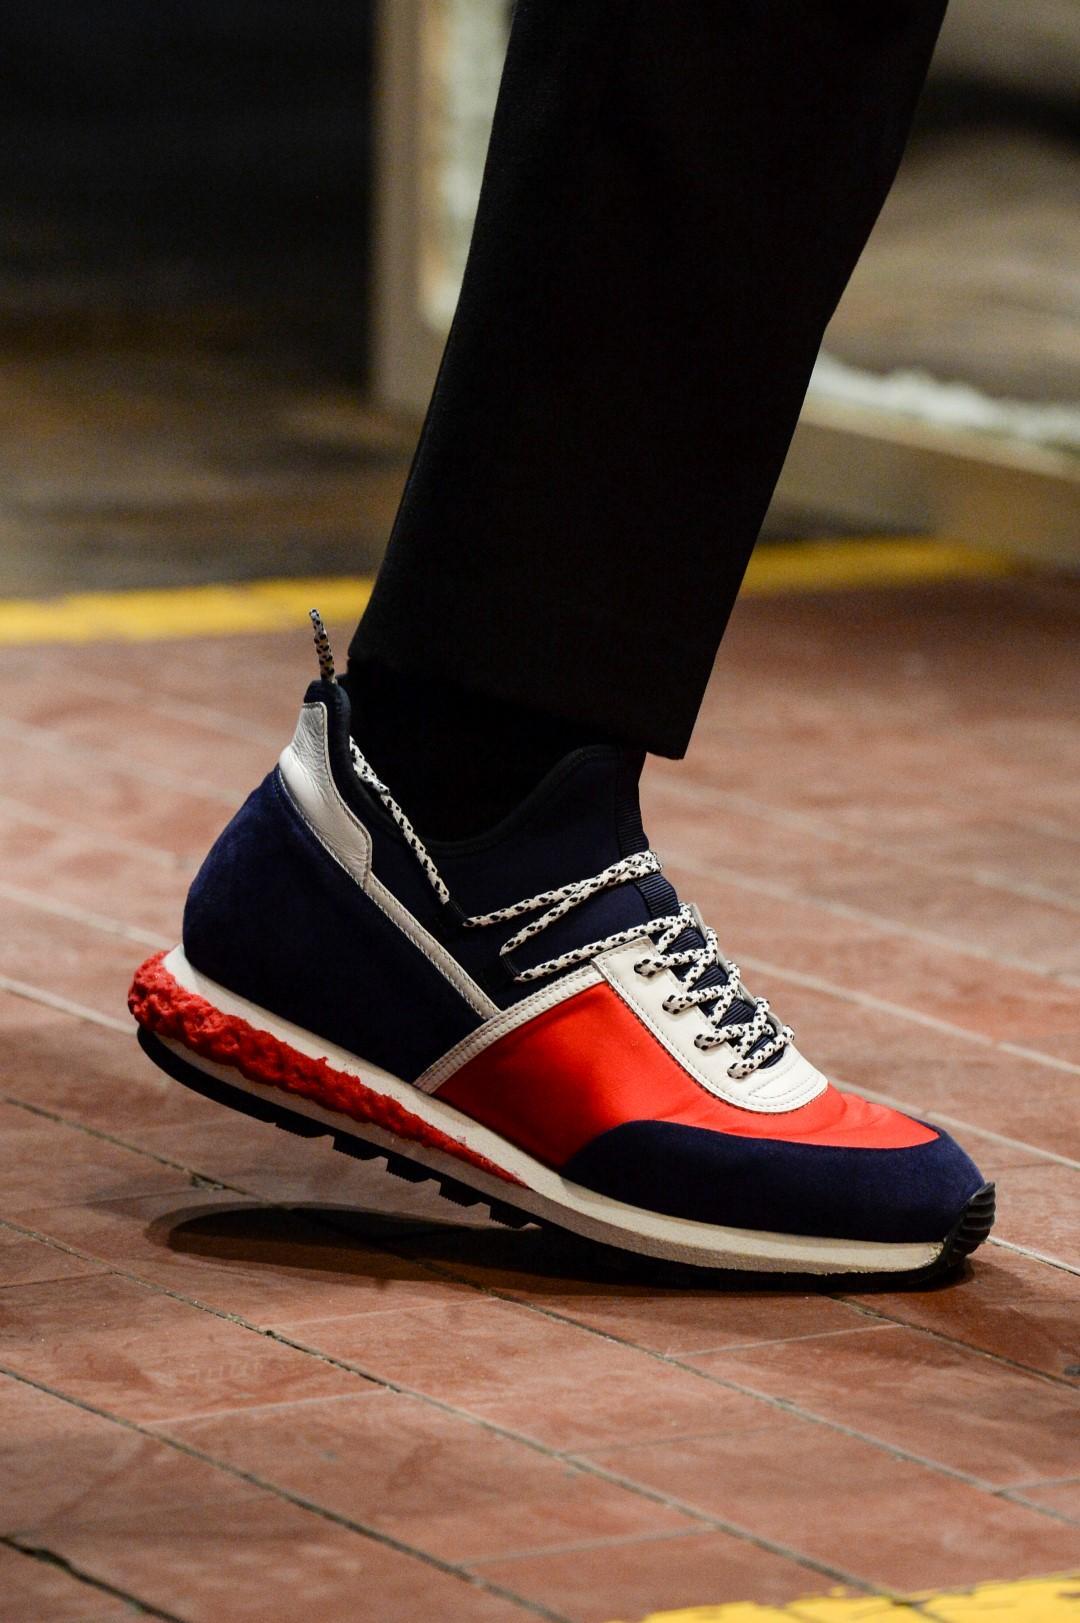 Scarpe, non solo sneakers: i modelli da uomo per l'inverno